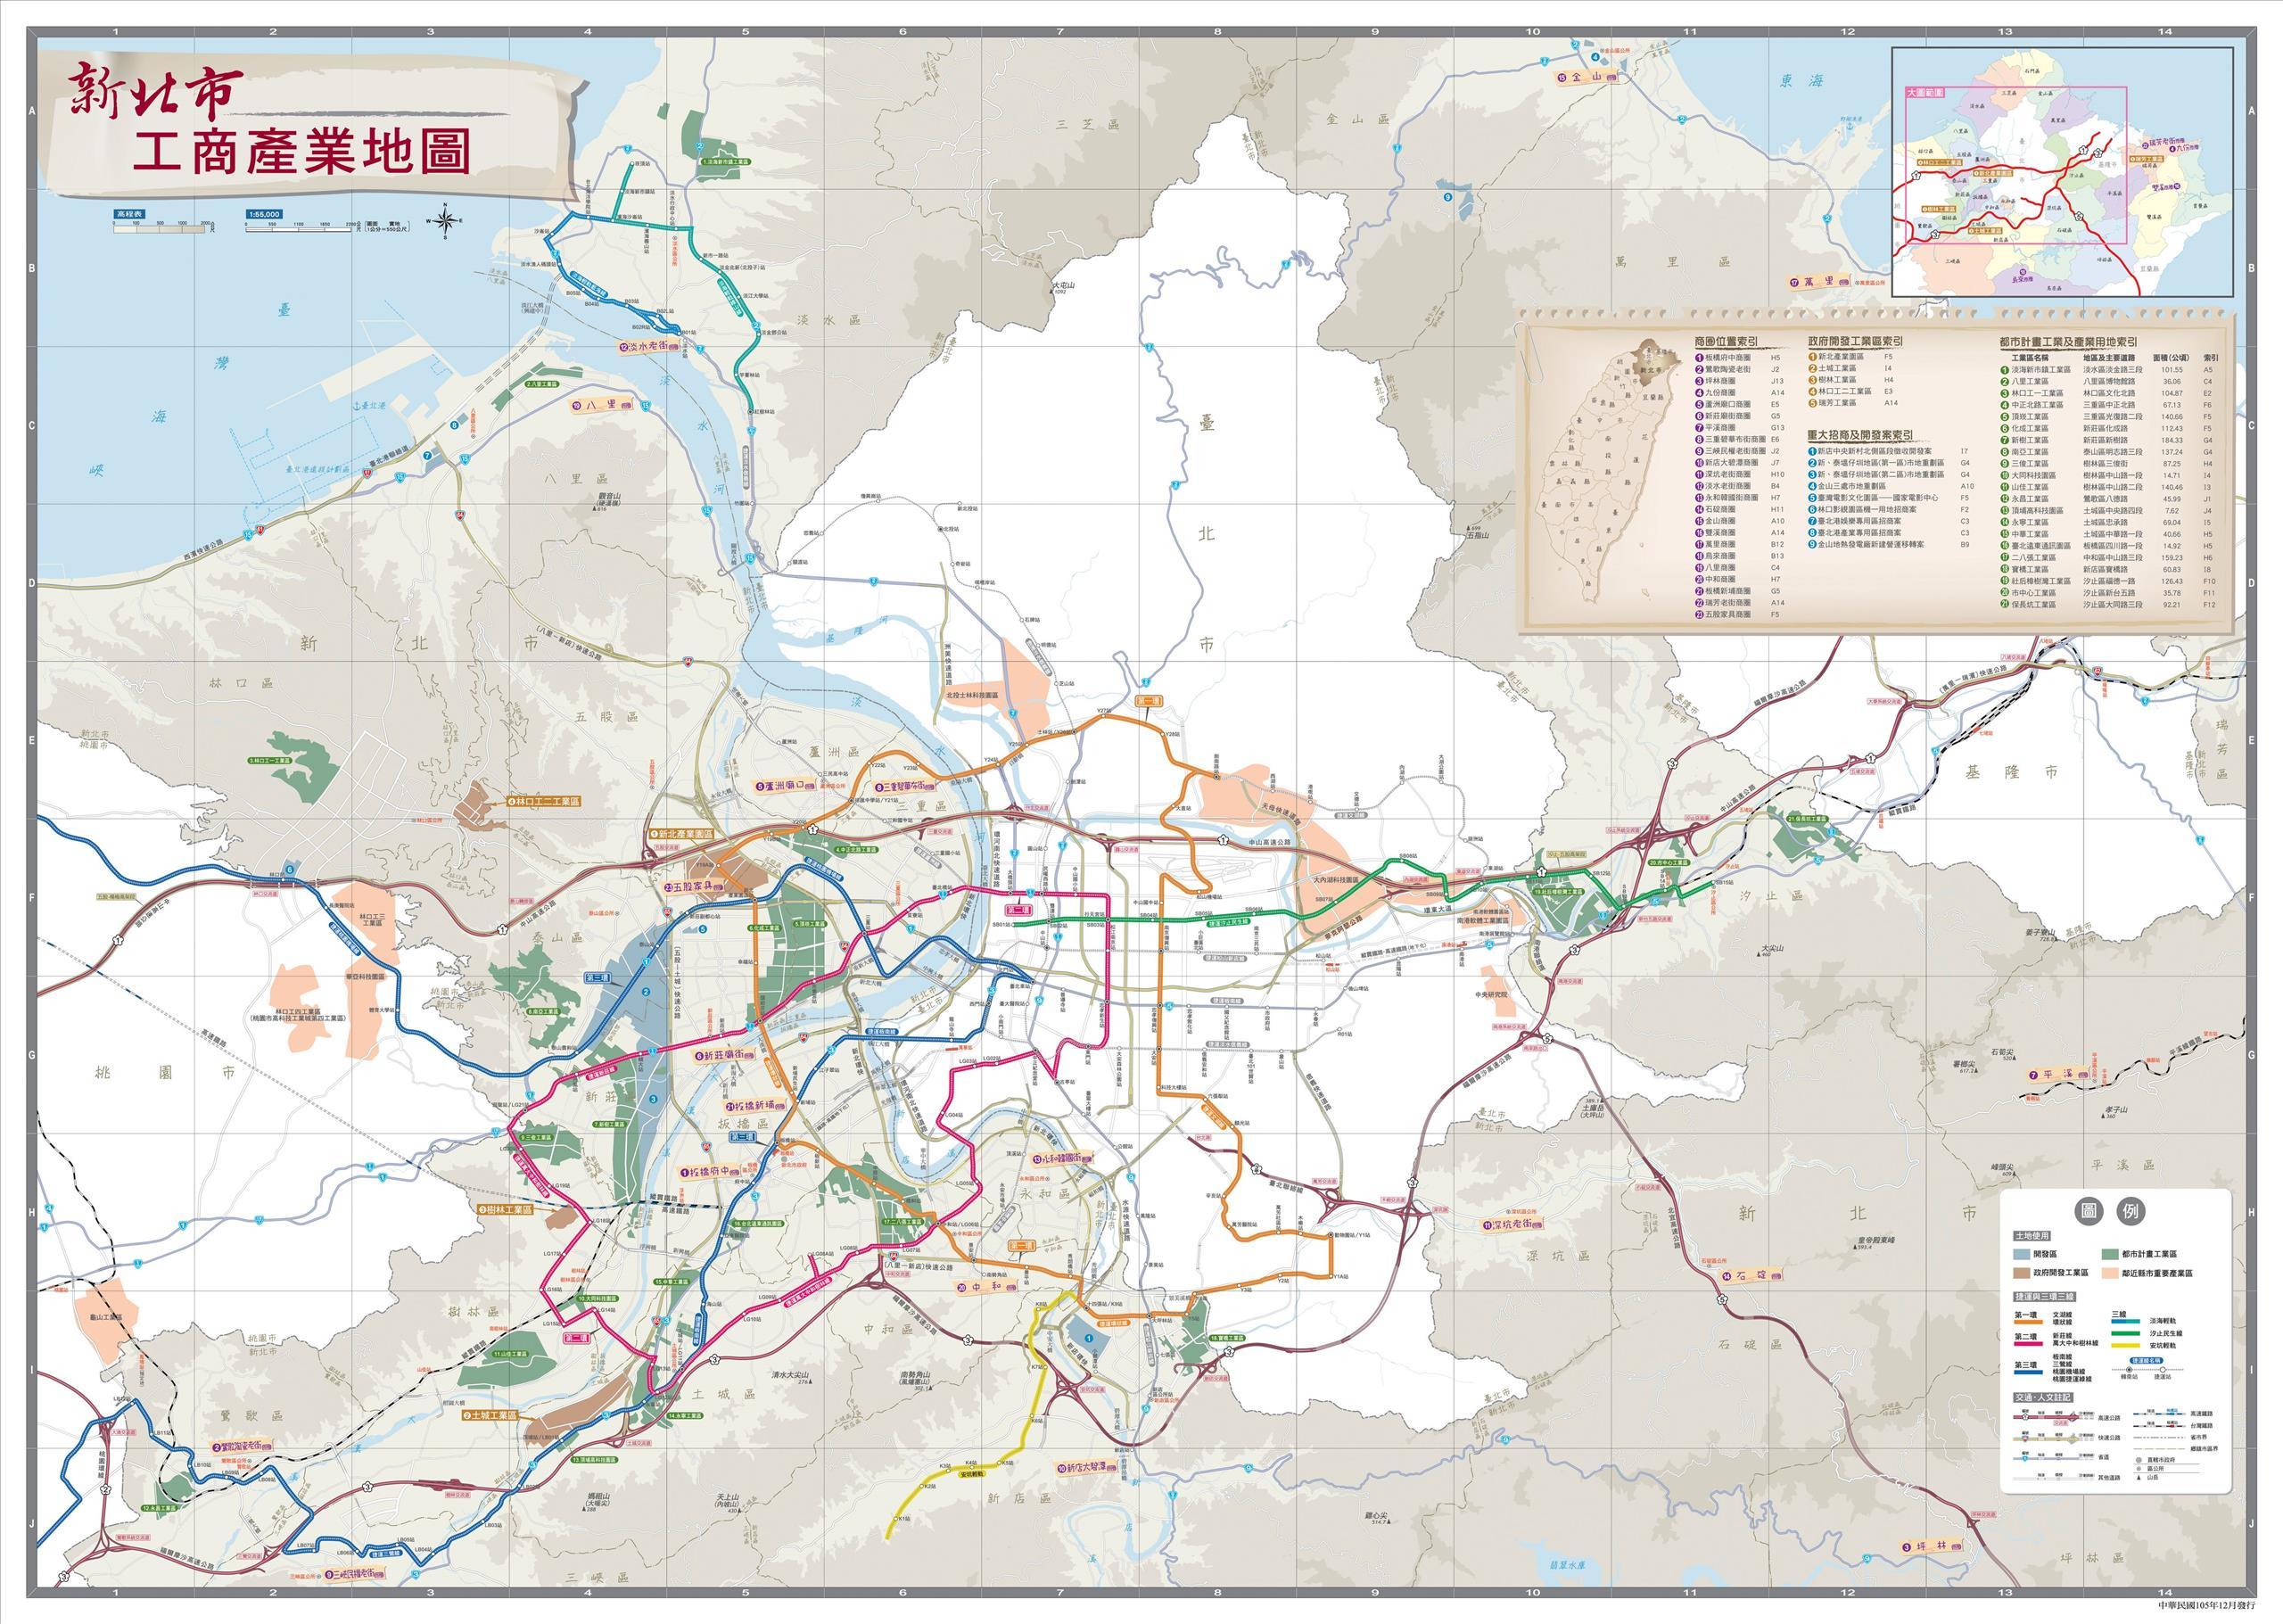 新北市產業地圖正面 (JPG格式)